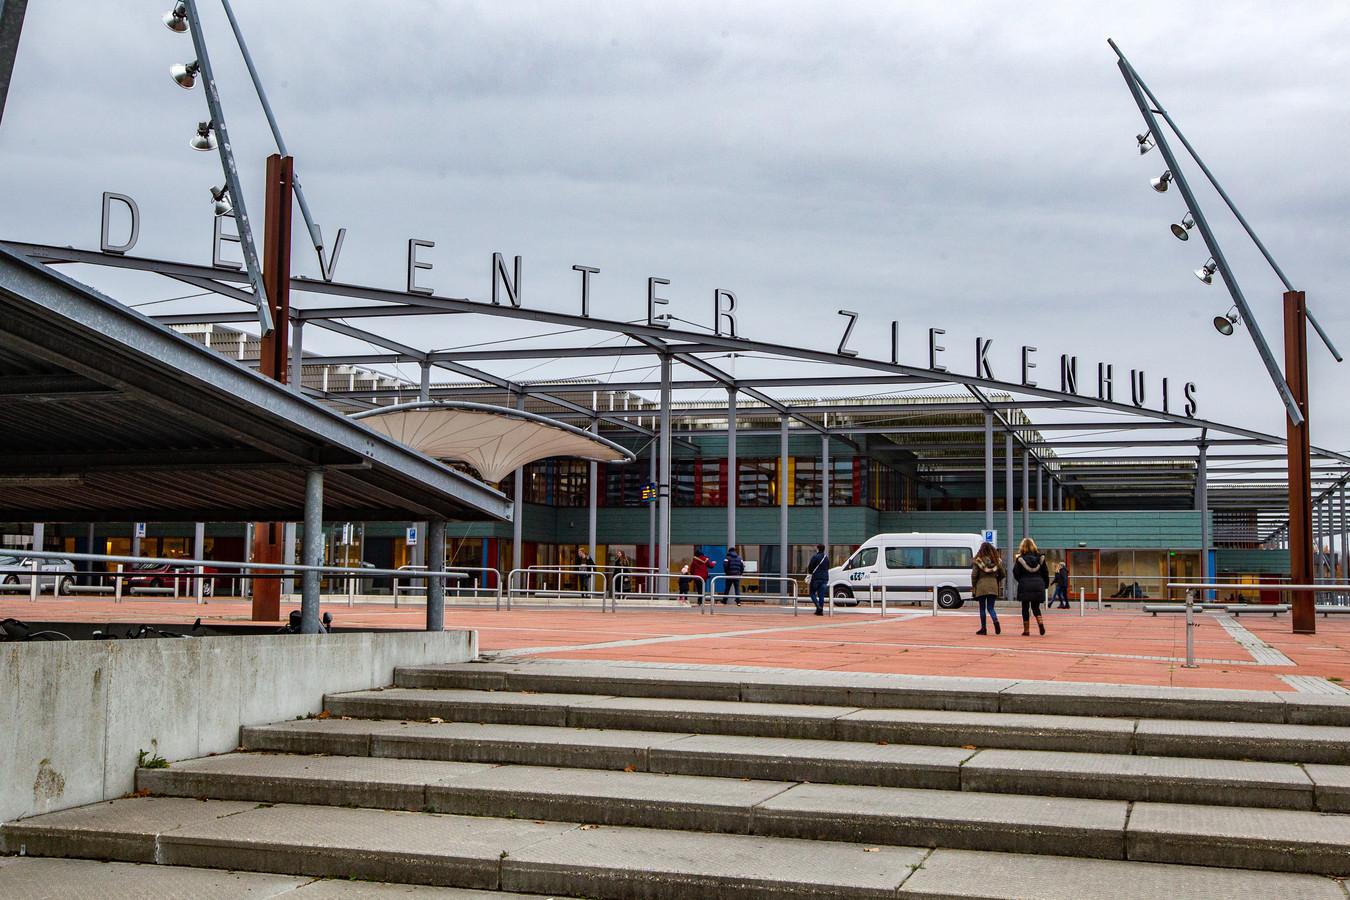 Het Deventer Ziekenhuis is en blijft veruit de grootste werkgever van Deventer.